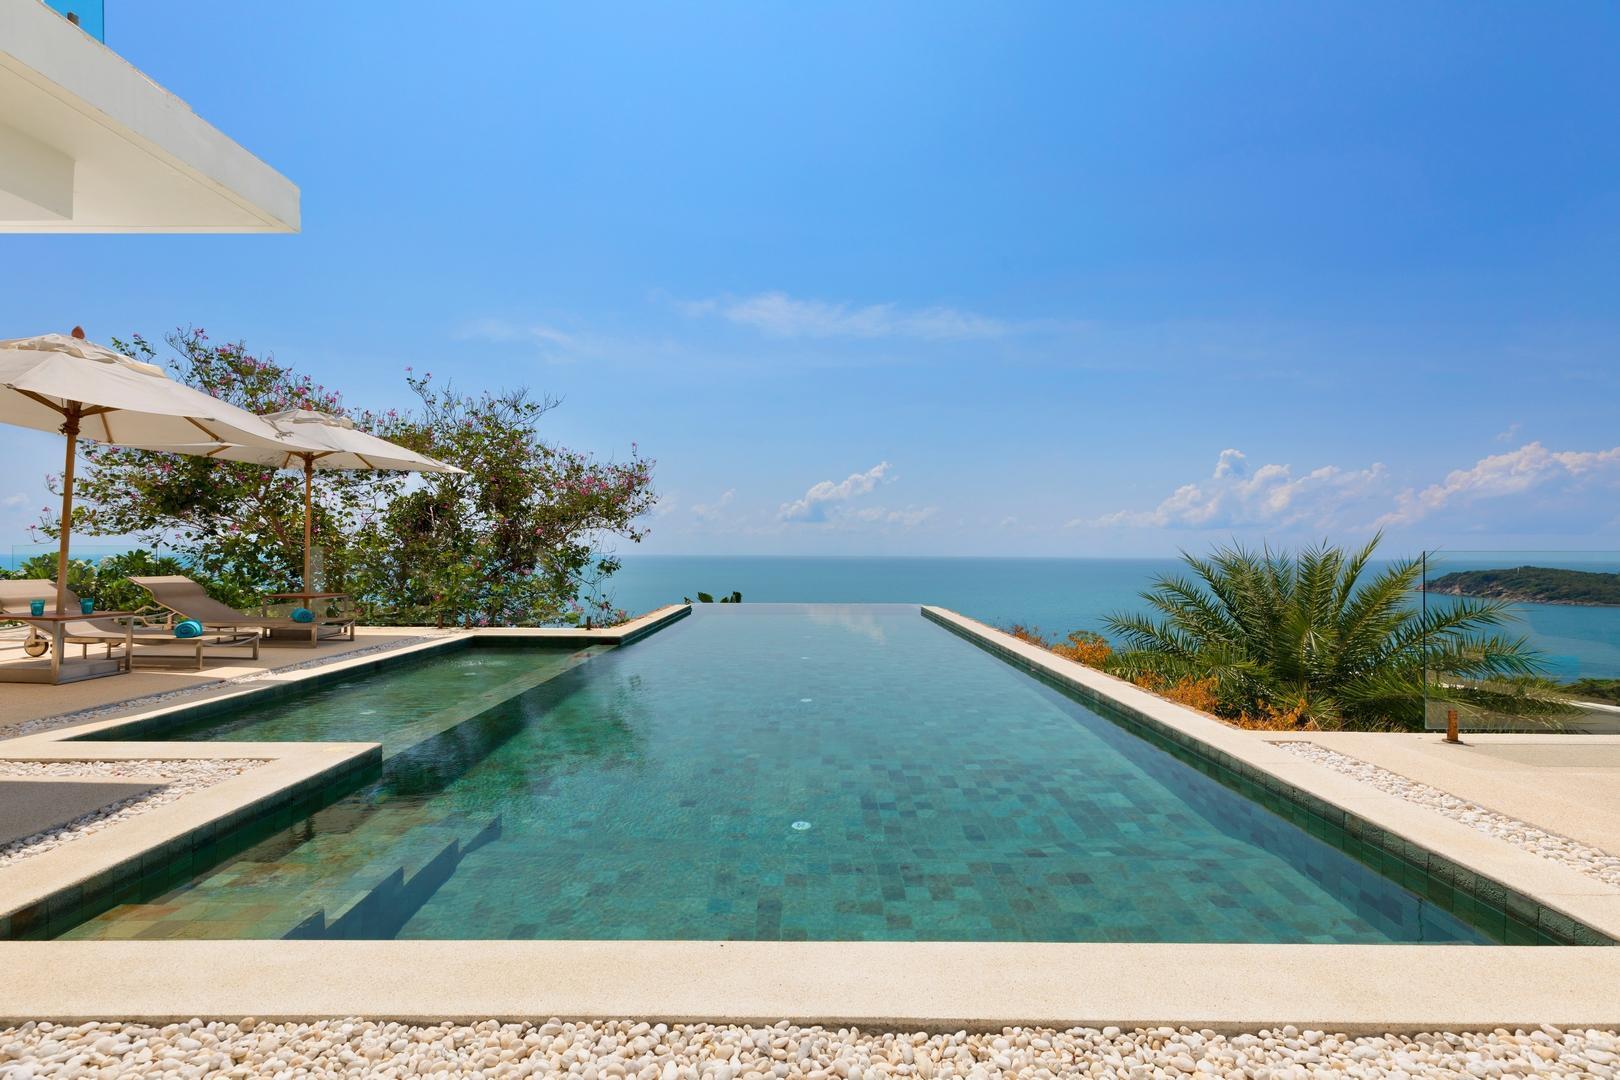 Turquoise Villa 1 绿松石别墅1号 วิลลา 4 ห้องนอน 5 ห้องน้ำส่วนตัว ขนาด 850 ตร.ม. – เชิงมน